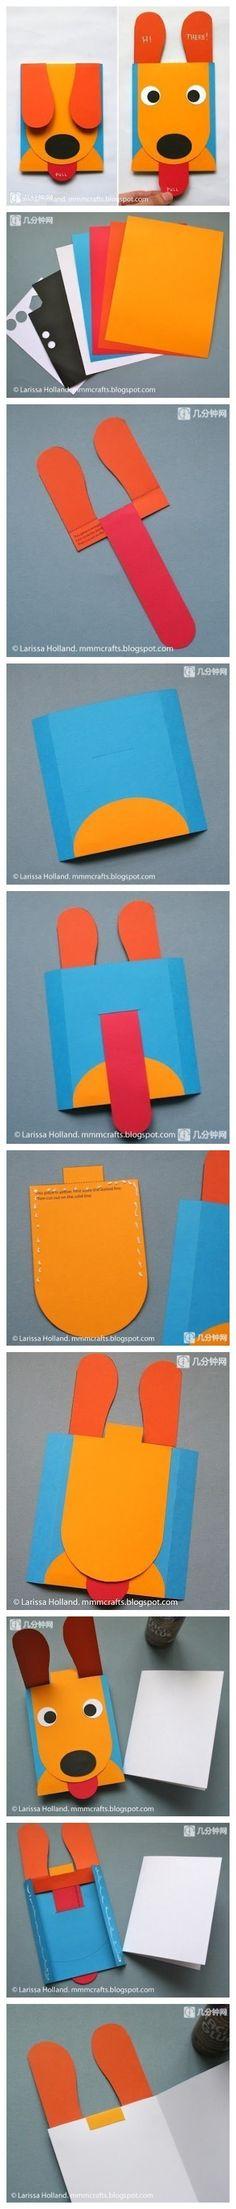 【DIY折纸】创意狗狗贺卡,一拉舌头耳朵会弹起露出眼睛